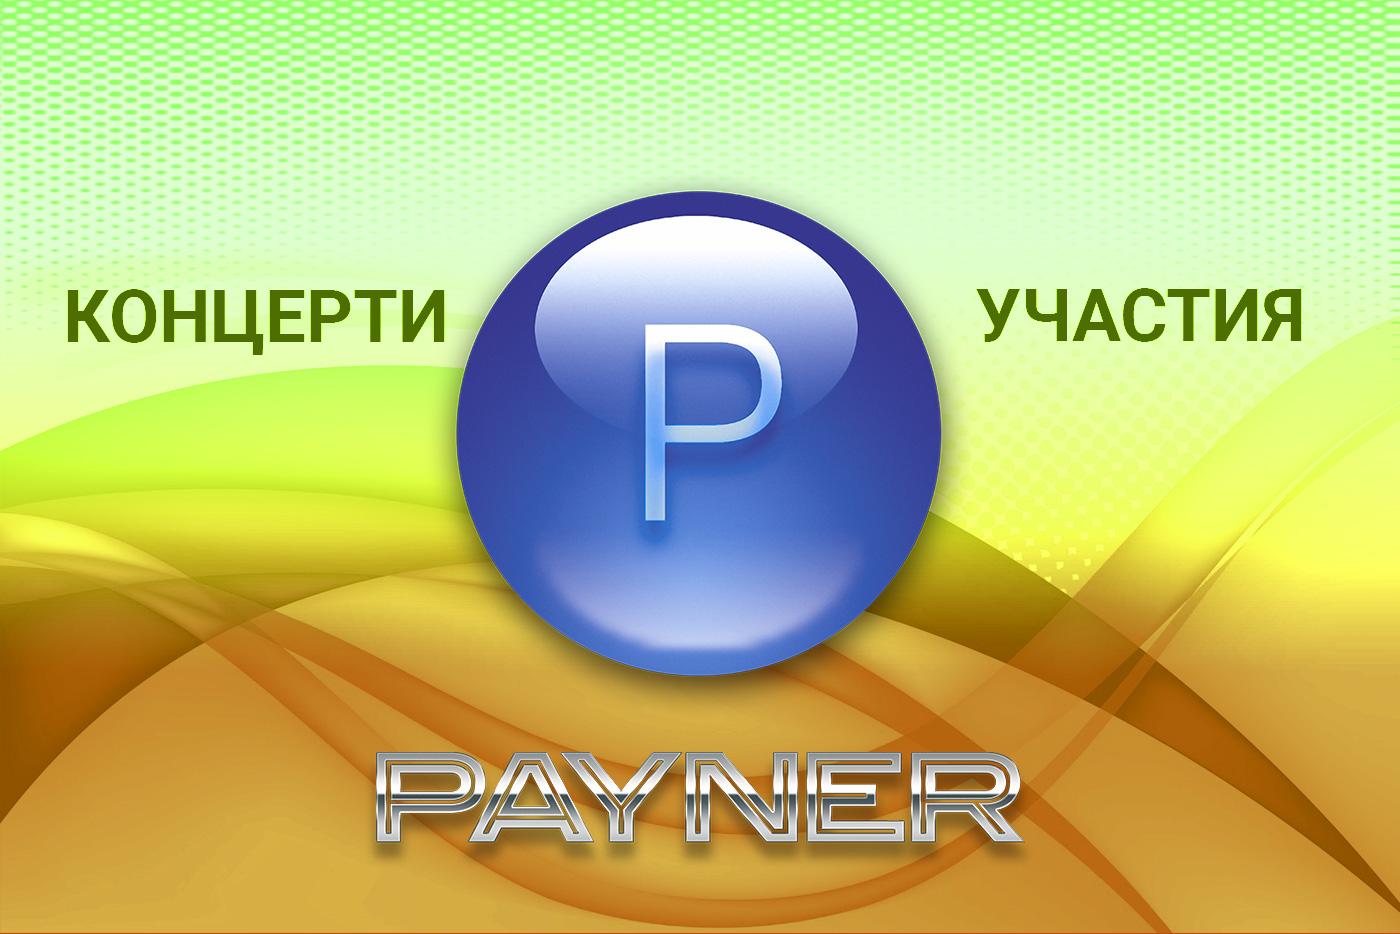 """Участия на звездите на """"Пайнер"""" на 16.02.2020"""